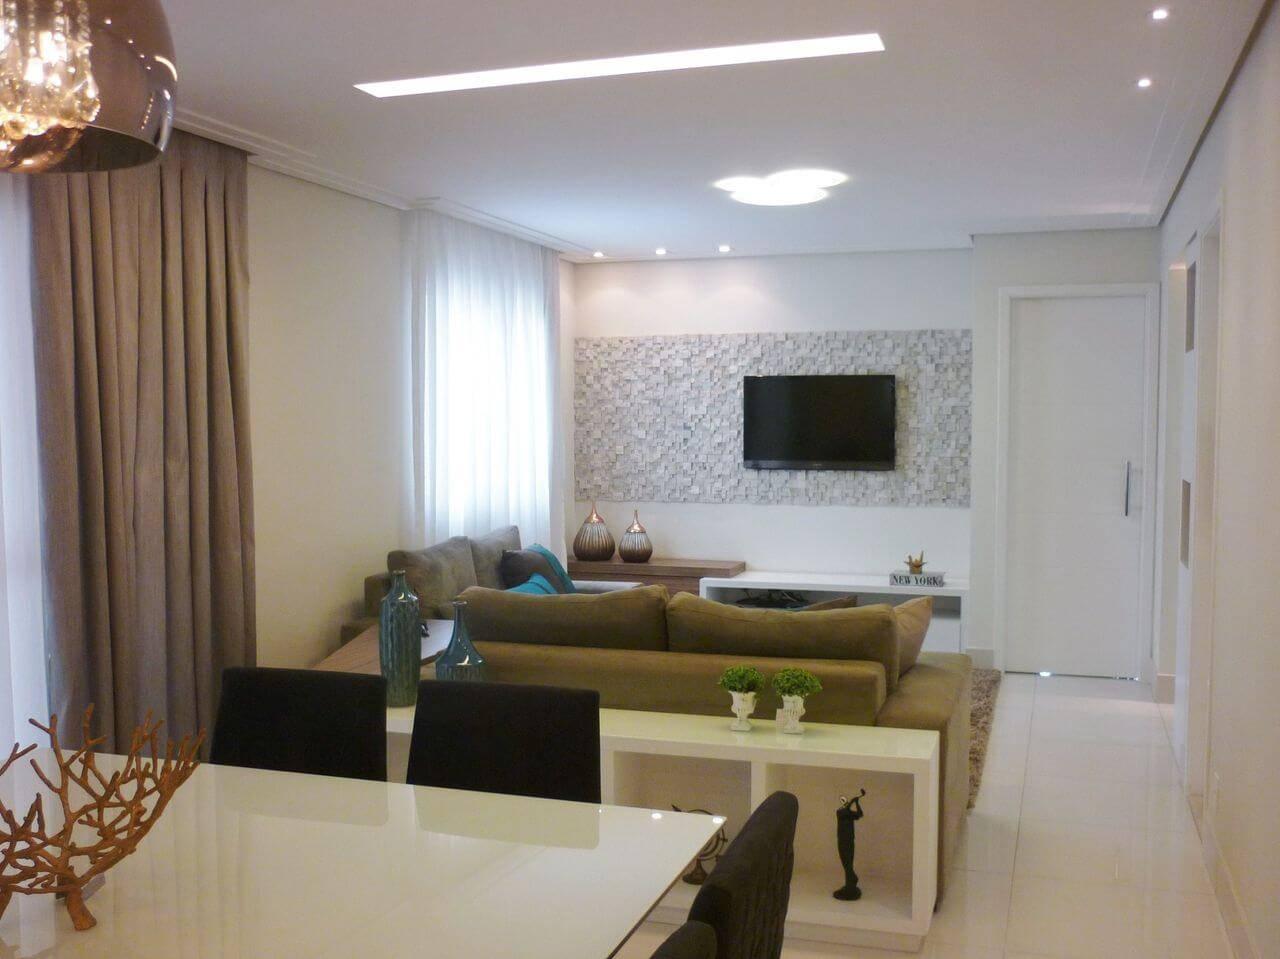 revestimento 3d 36 modelos de ambientes incr veis On sala de estar del azulejo interior